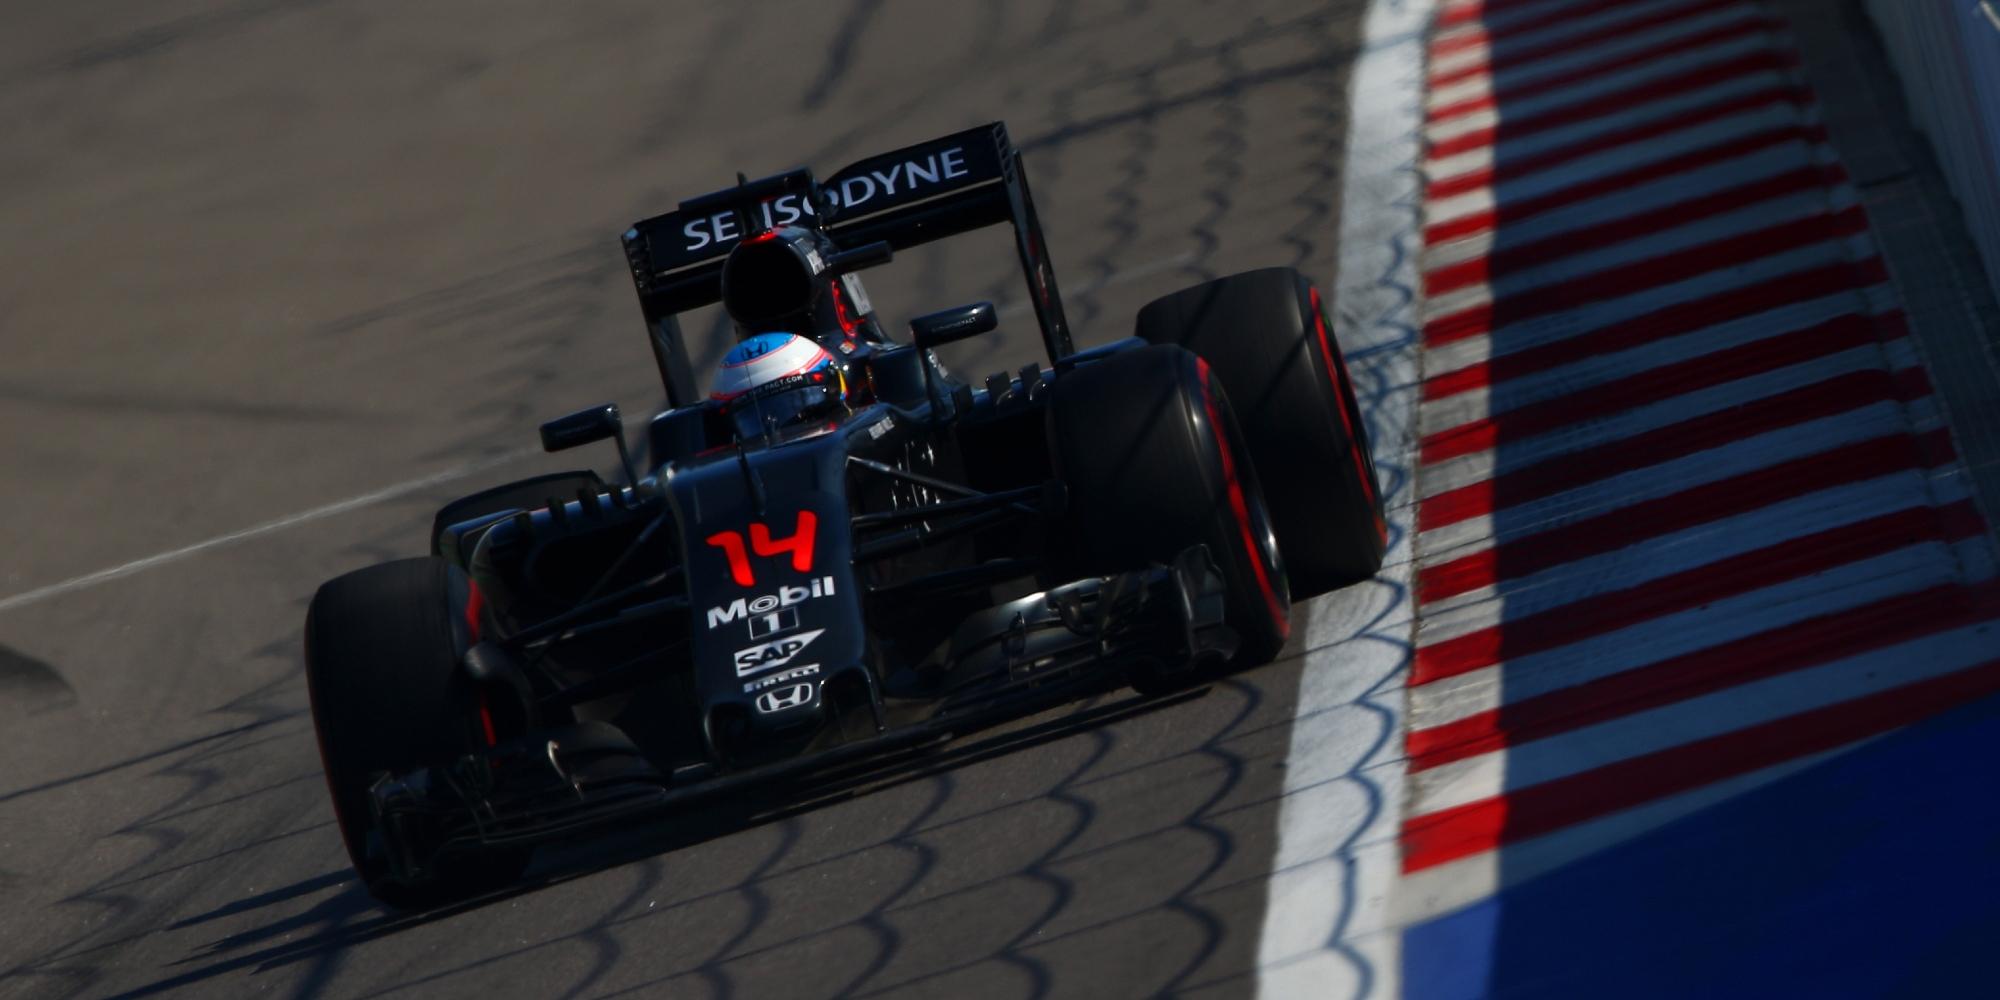 Fernando Alonso, 2016 Russian Grand Prix